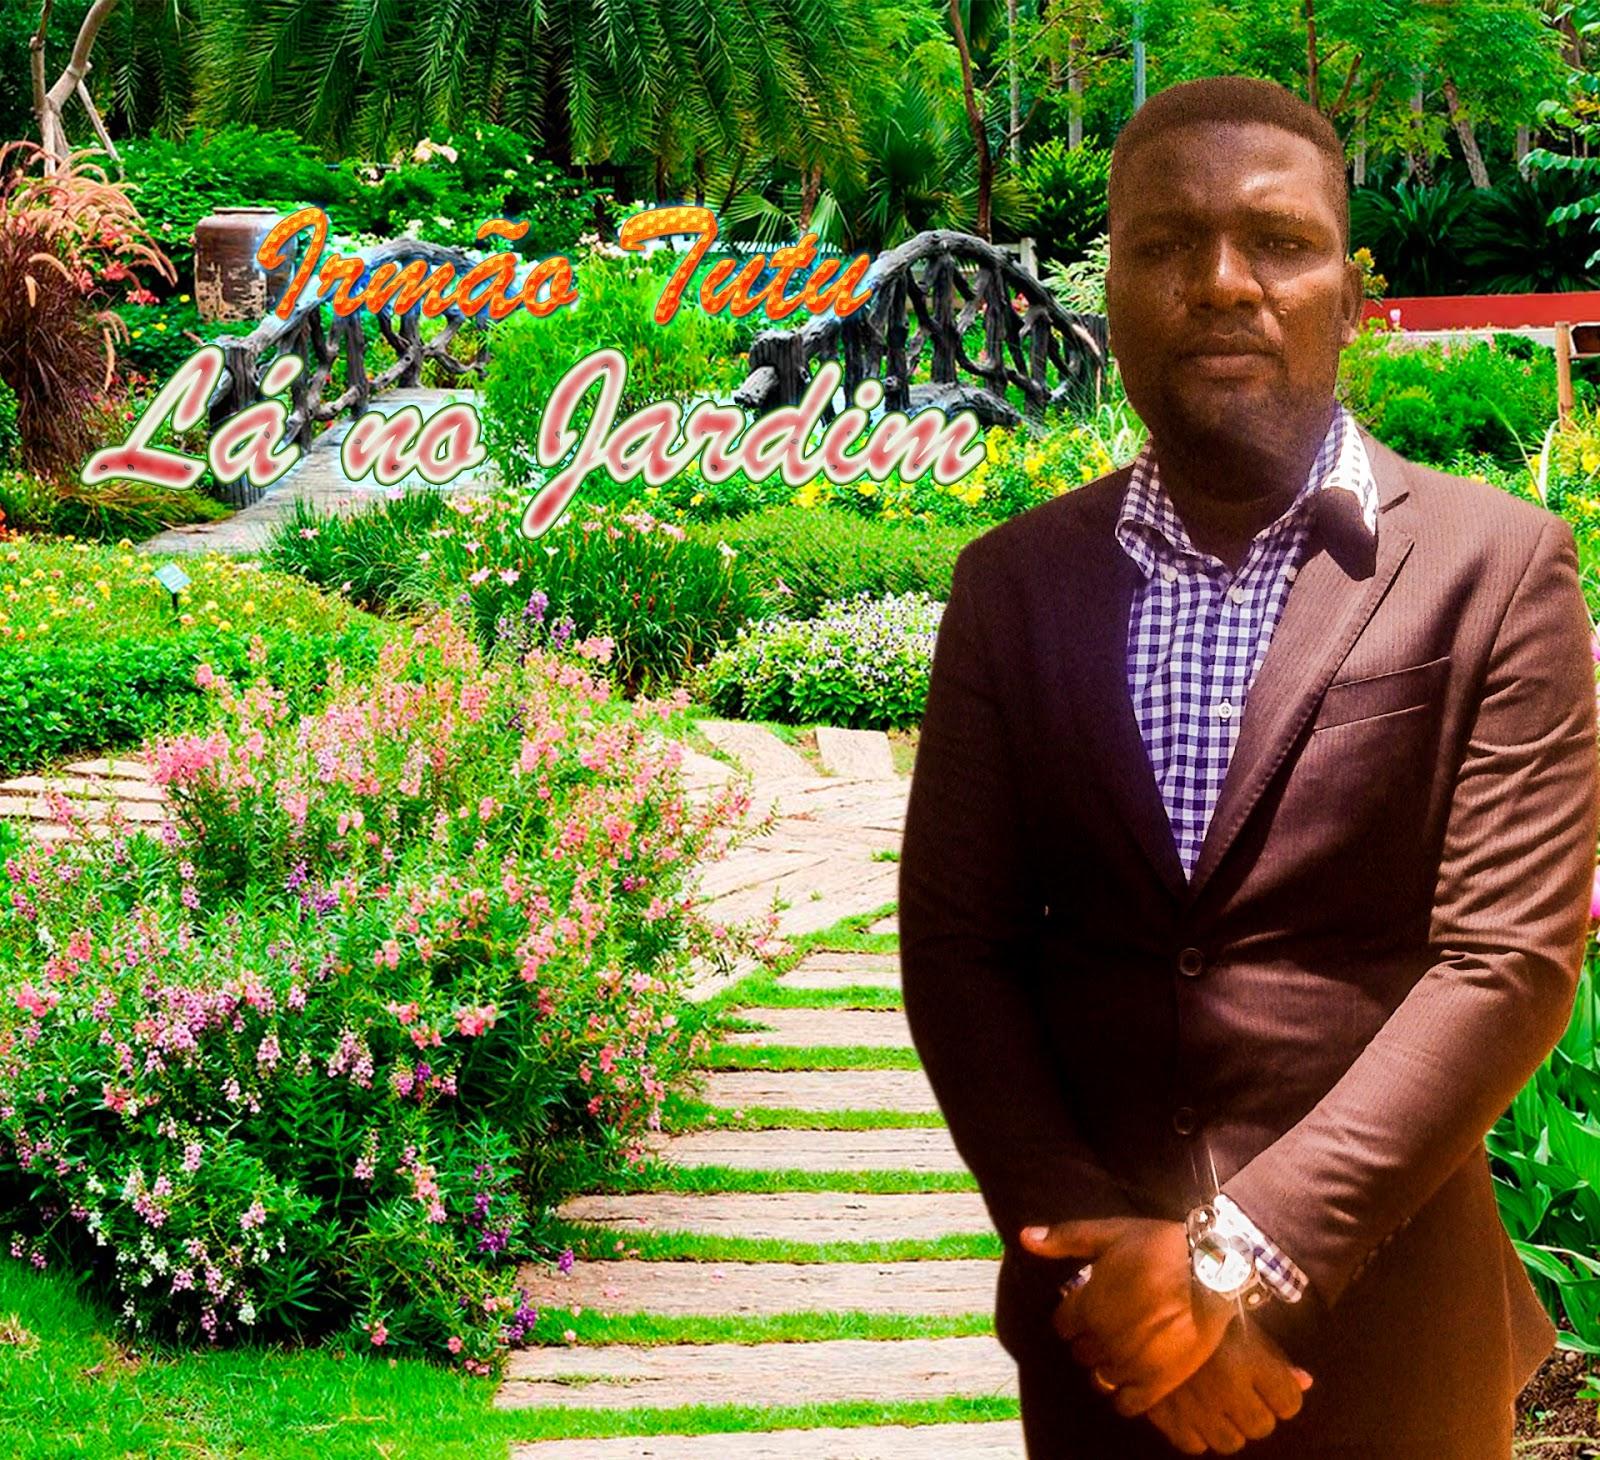 Irmão Tutu - É Lá no Jardim [Download mp3]